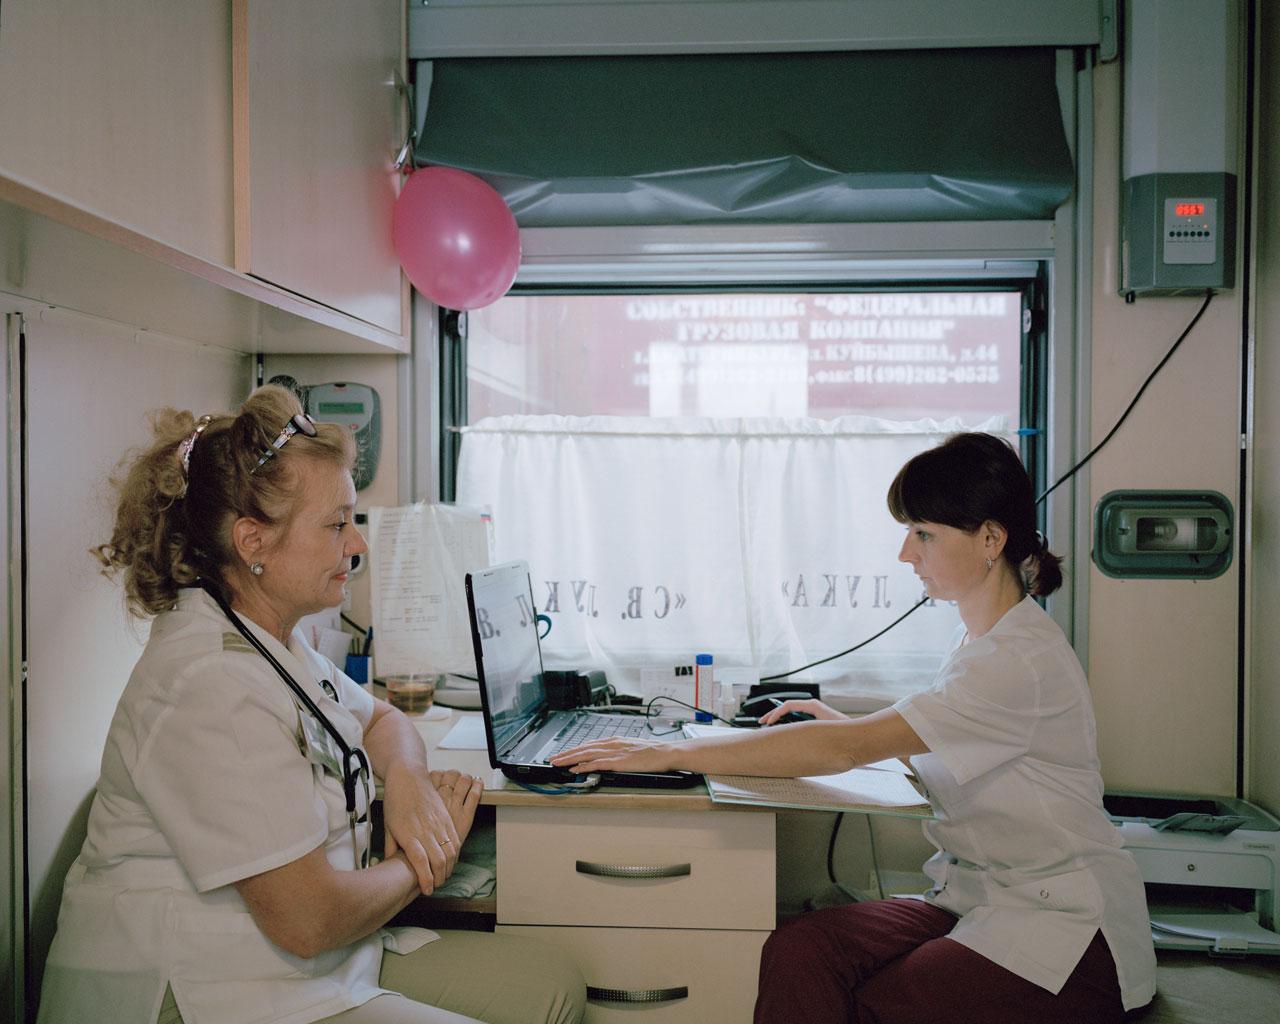 Danilova Lyudmila Mikhailovna (l.) und ihre Assistentin besprechen in einem leeren Zugabteil ihre Diagnosen. Jeden Tag müssen sie sich um ca. 37 Patienten kümmern. Kuragino, Krasnoyarsk Krai, Russland, 2016.